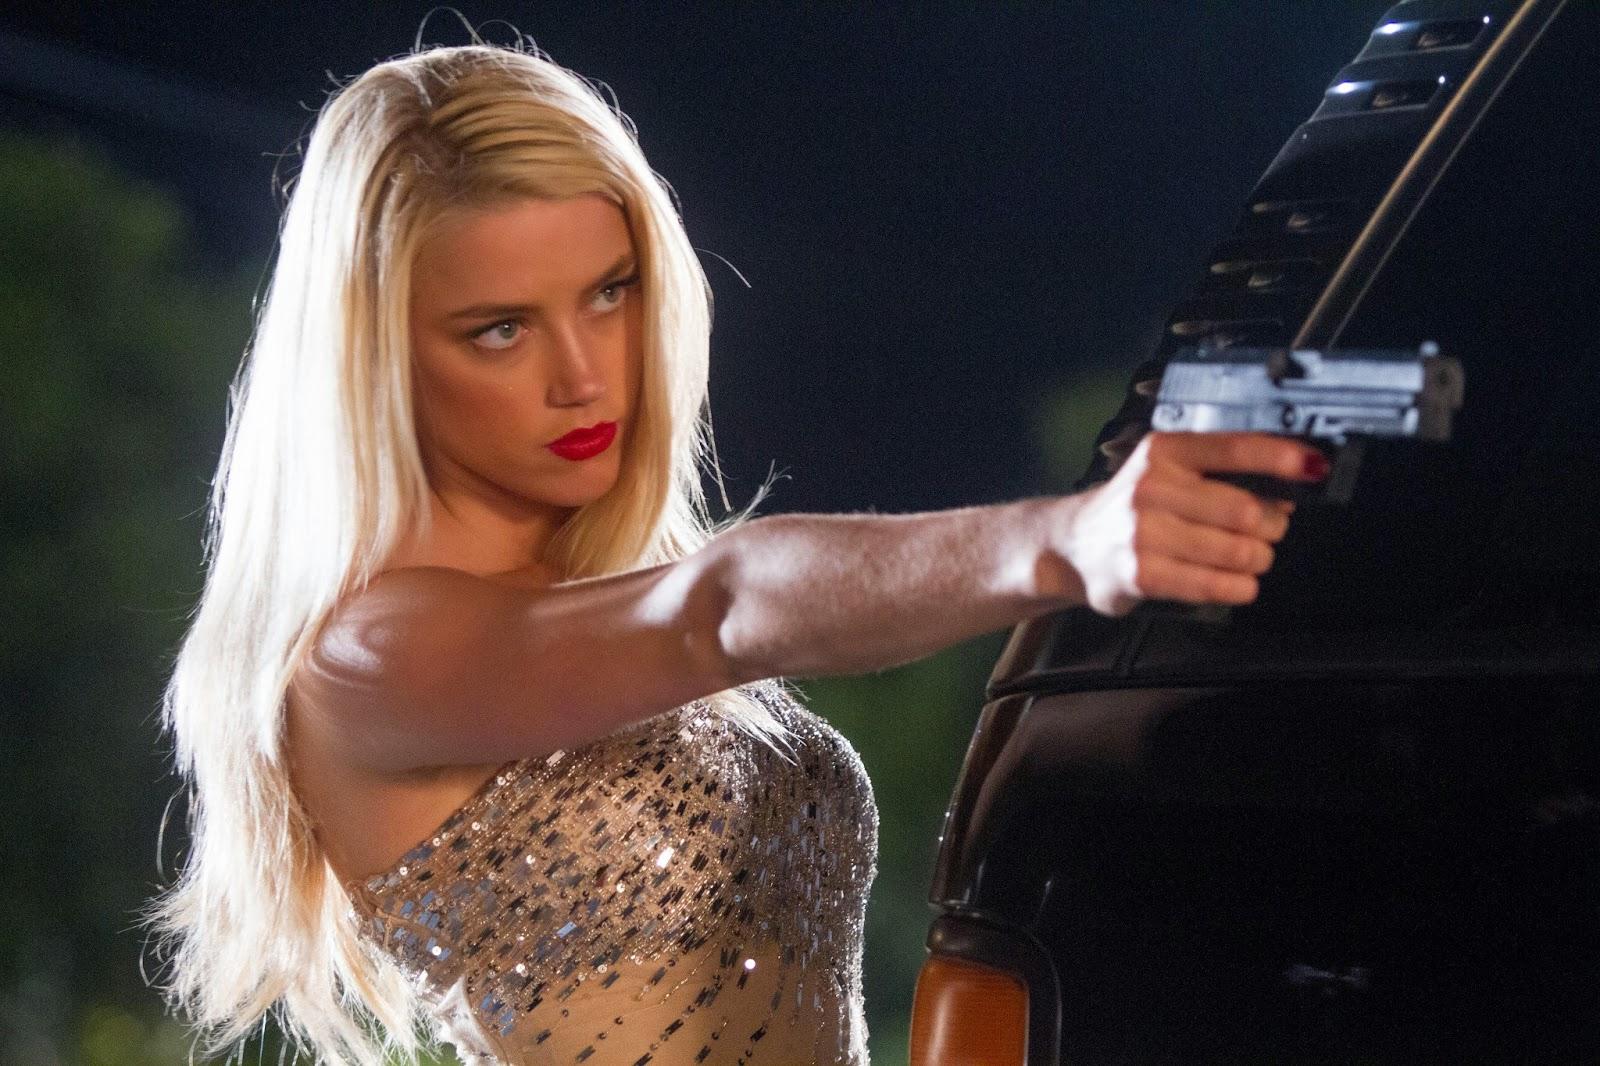 machete kills amber heard wallpapers - Machete Kills Amber Heard HD desktop wallpaper